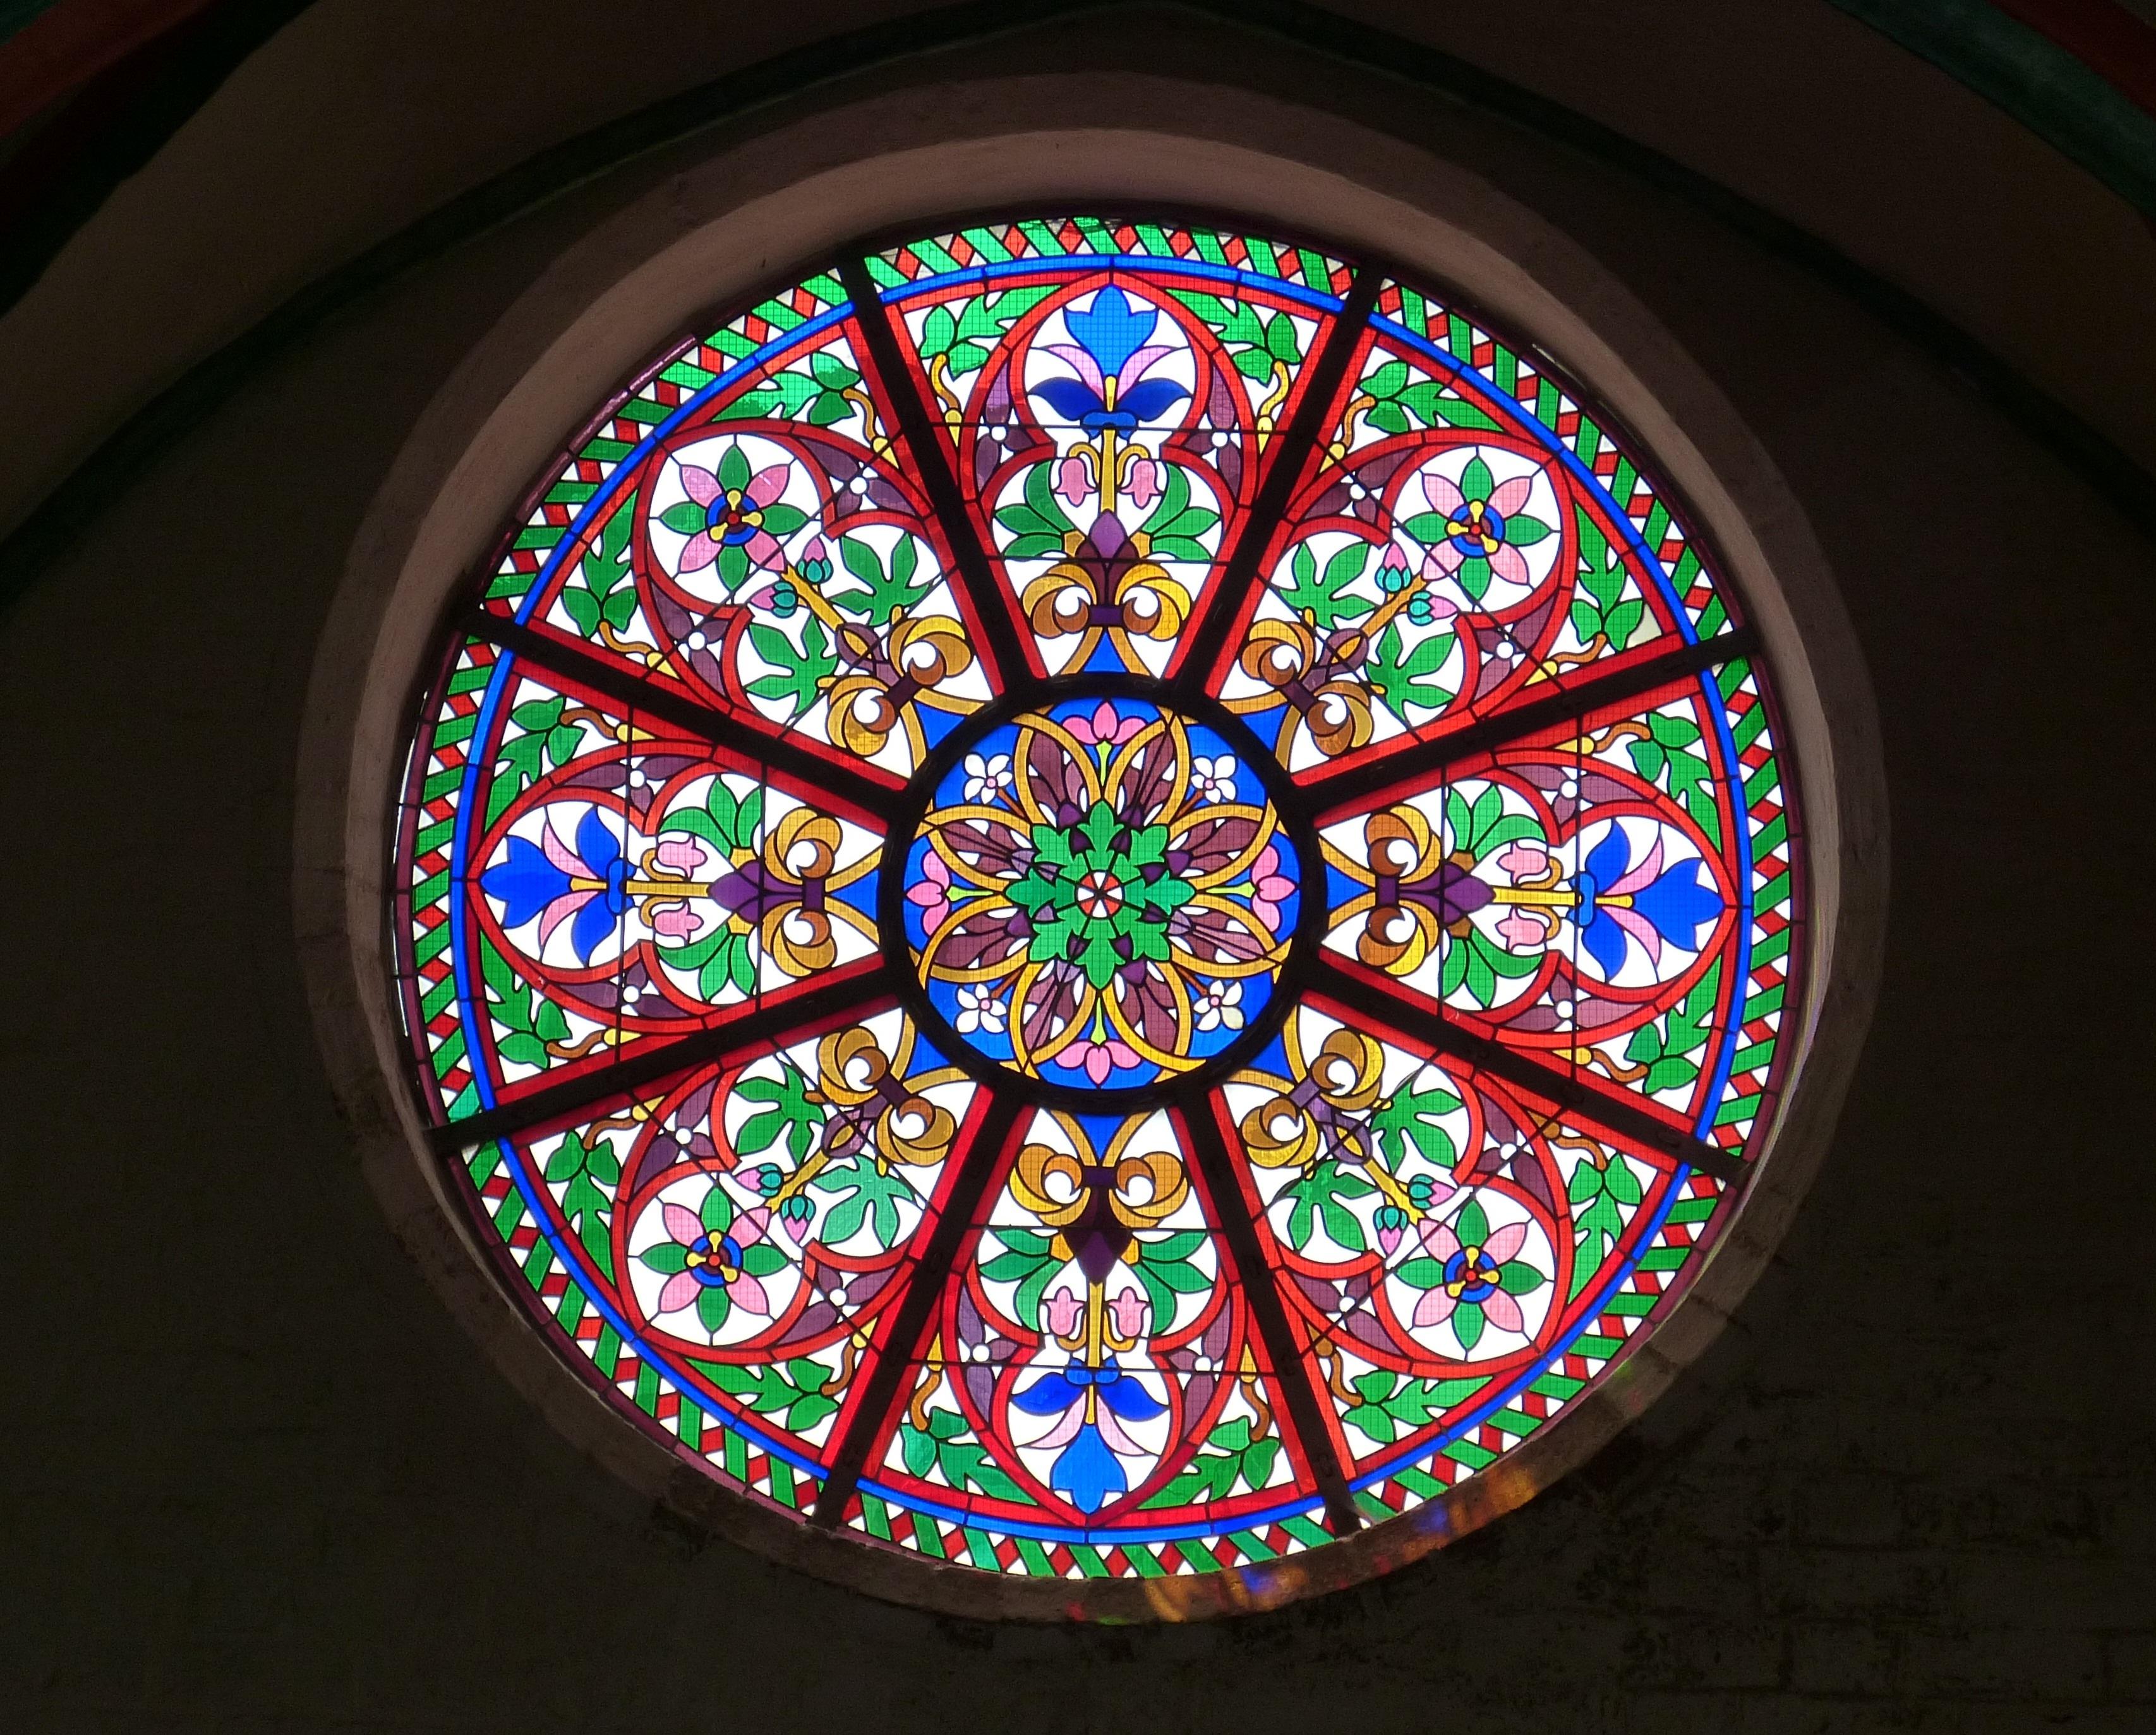 Kostenlose Foto Die Architektur Fenster Glas Gebäude: Kostenlose Foto : Die Architektur, Rad, Fenster, Glas